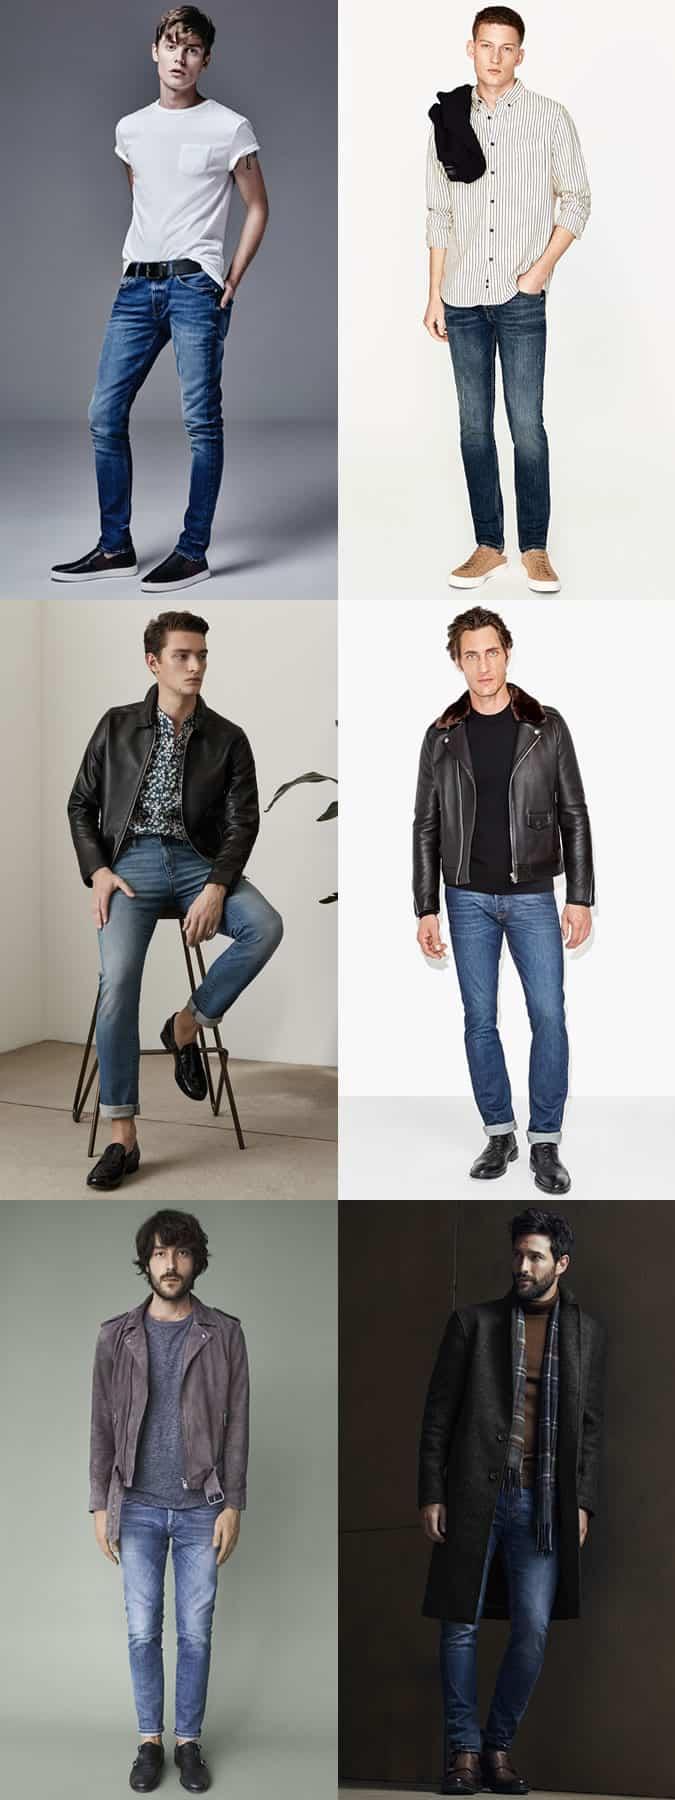 Lookbook d'inspiration de tenue de jean mi-délavé pour homme